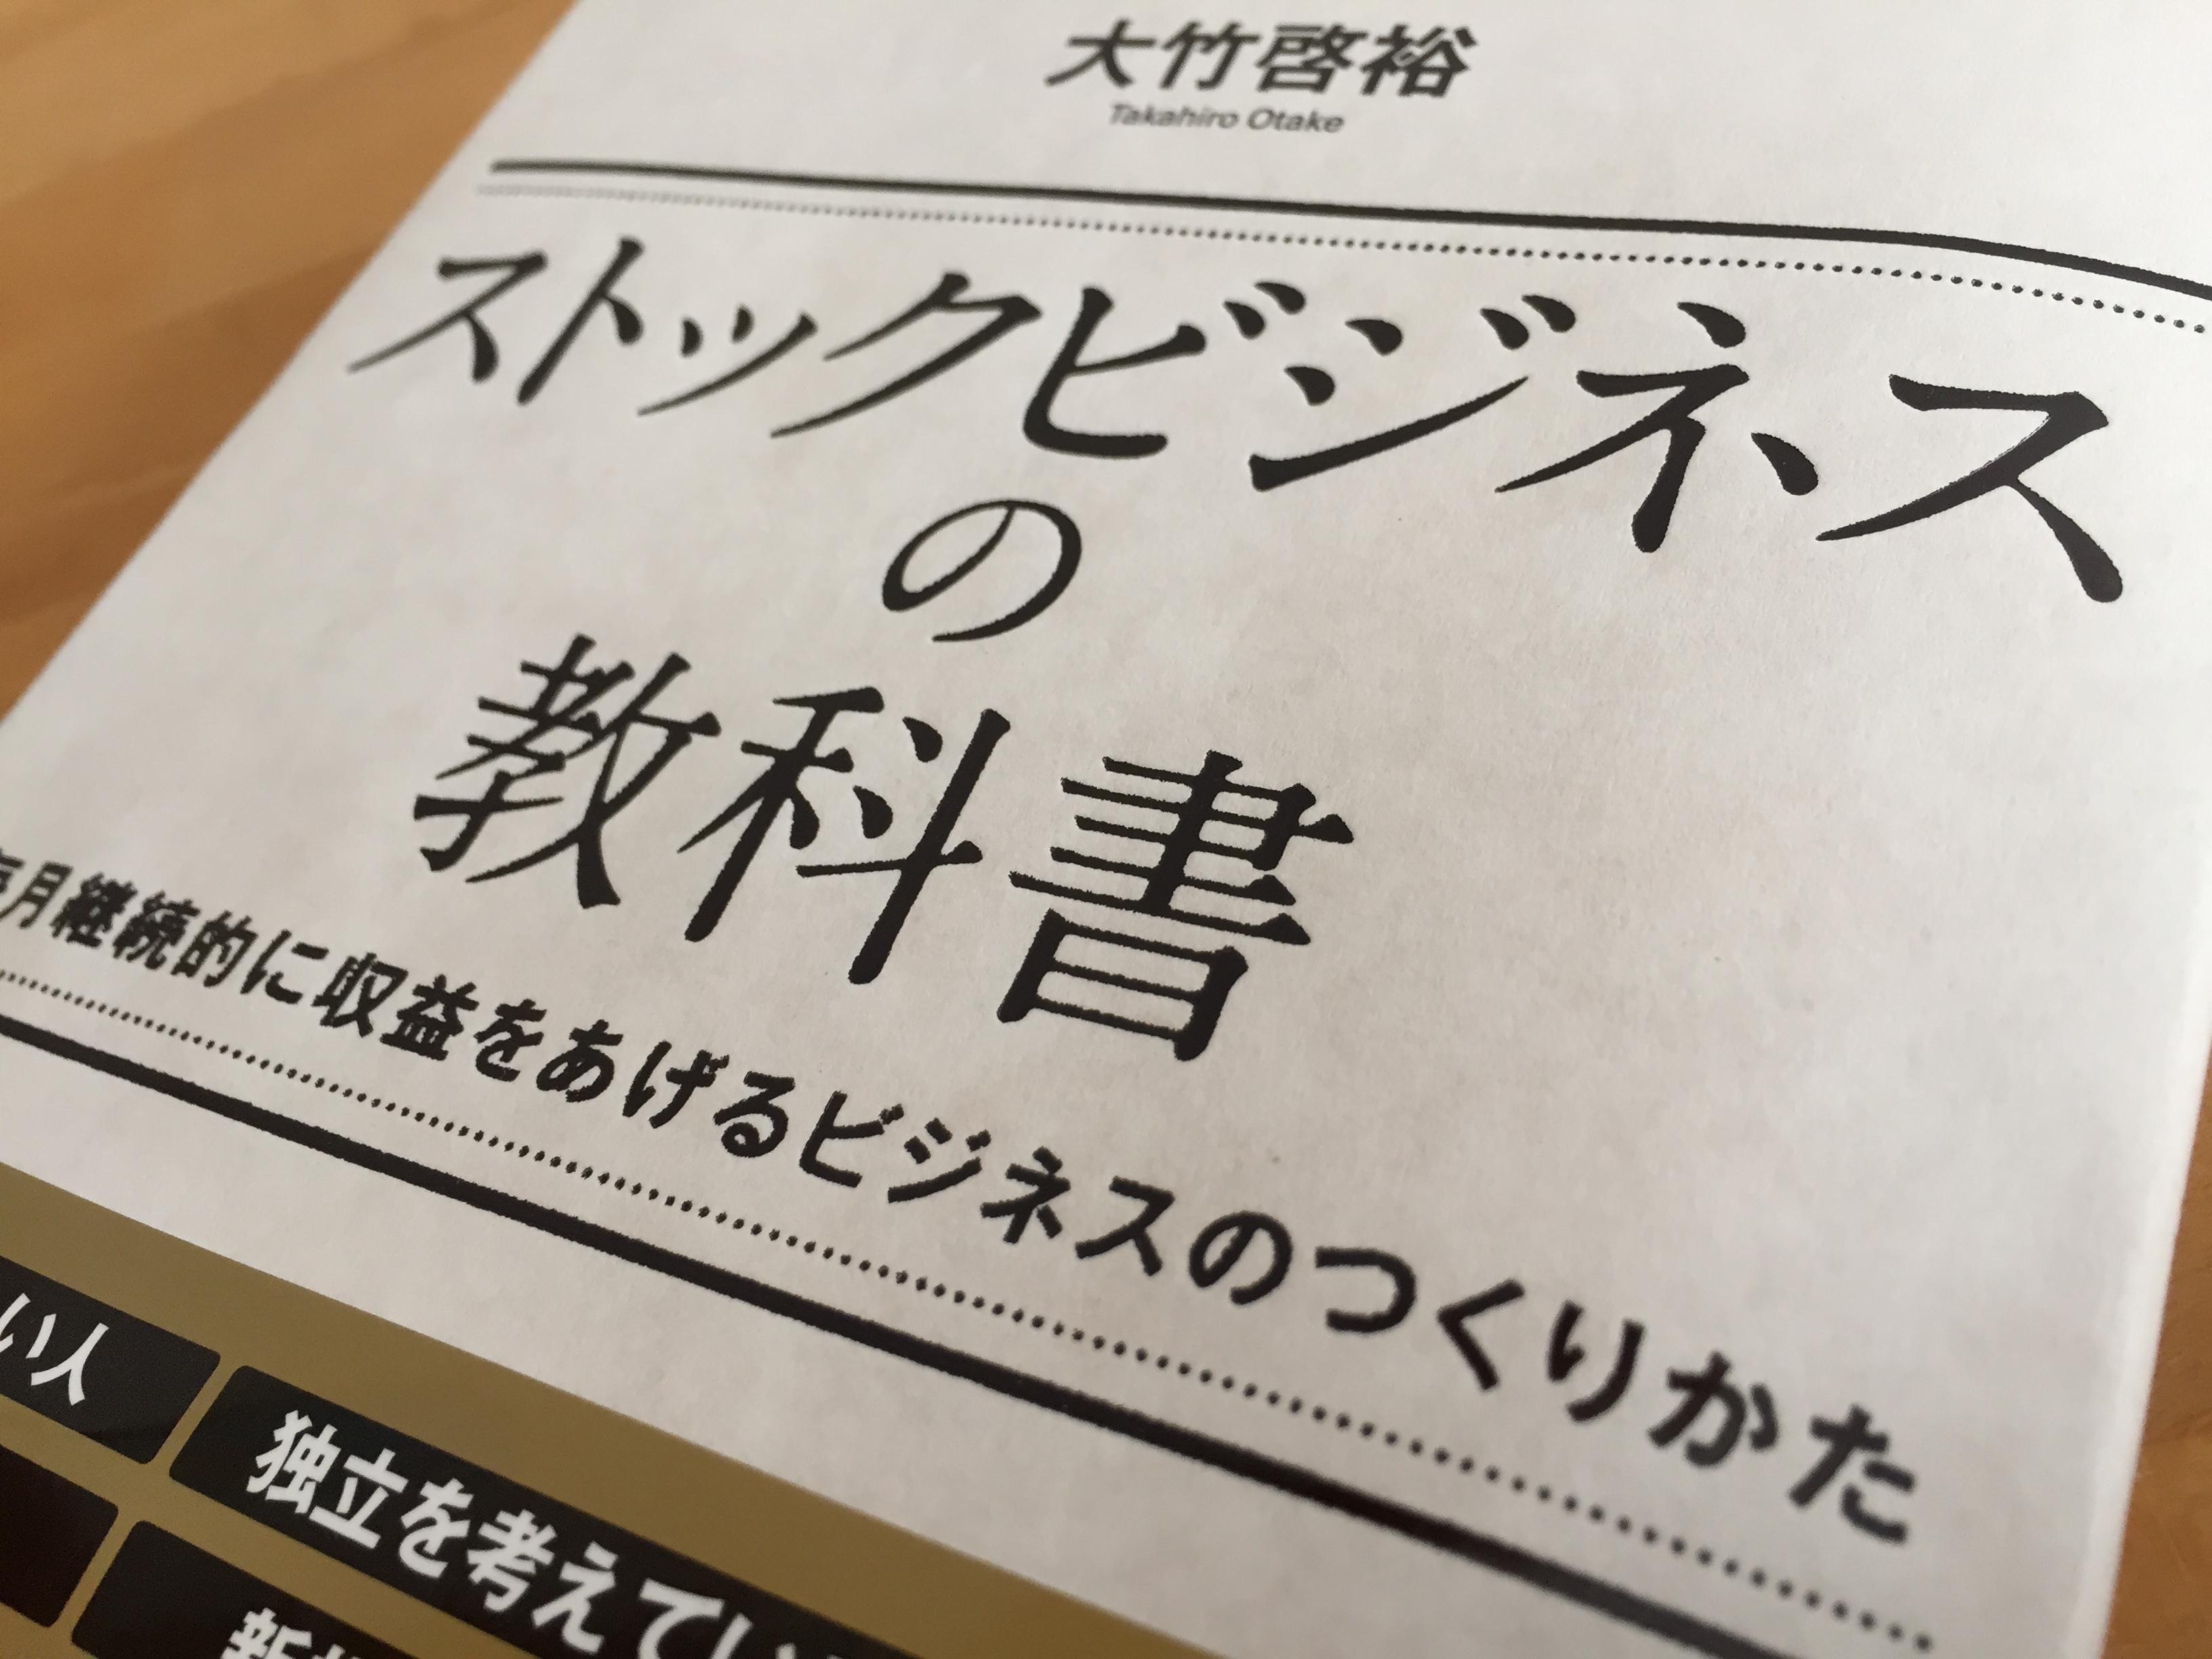 stockbusiness-book